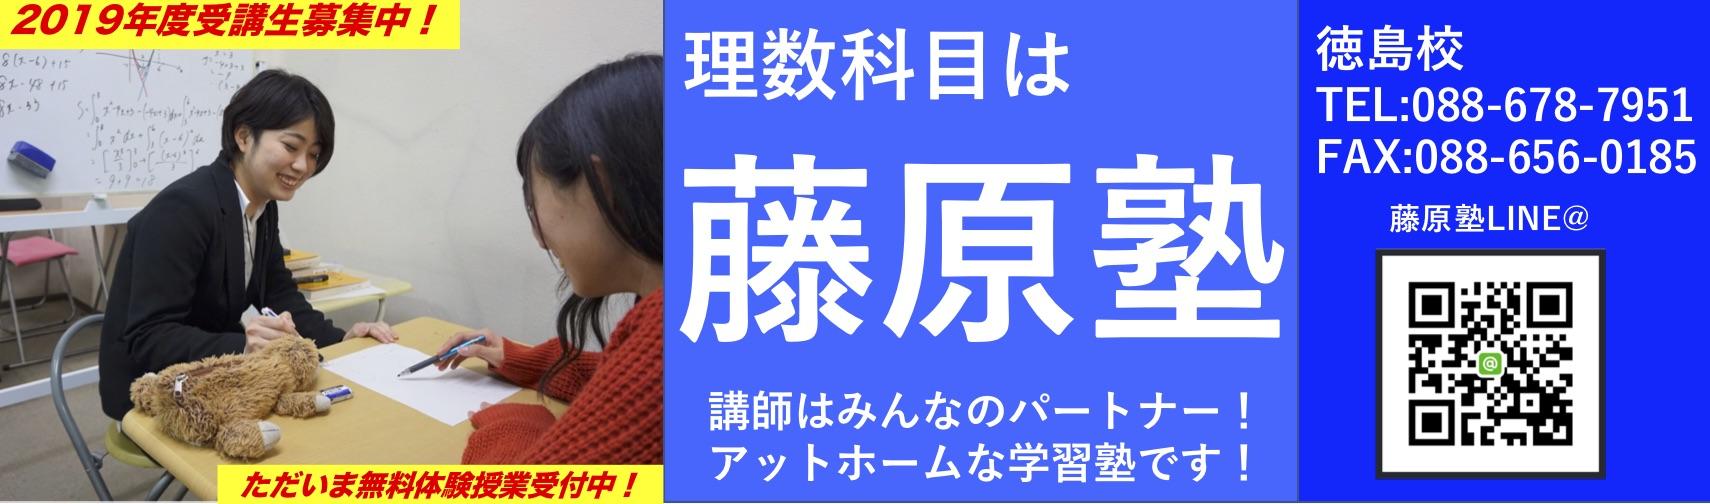 徳島で理科・数学・英語のことなら藤原塾!小学生・中学生・高校生まで対応!1対1の個別指導も行なっております。(理科:物理・化学・生物)